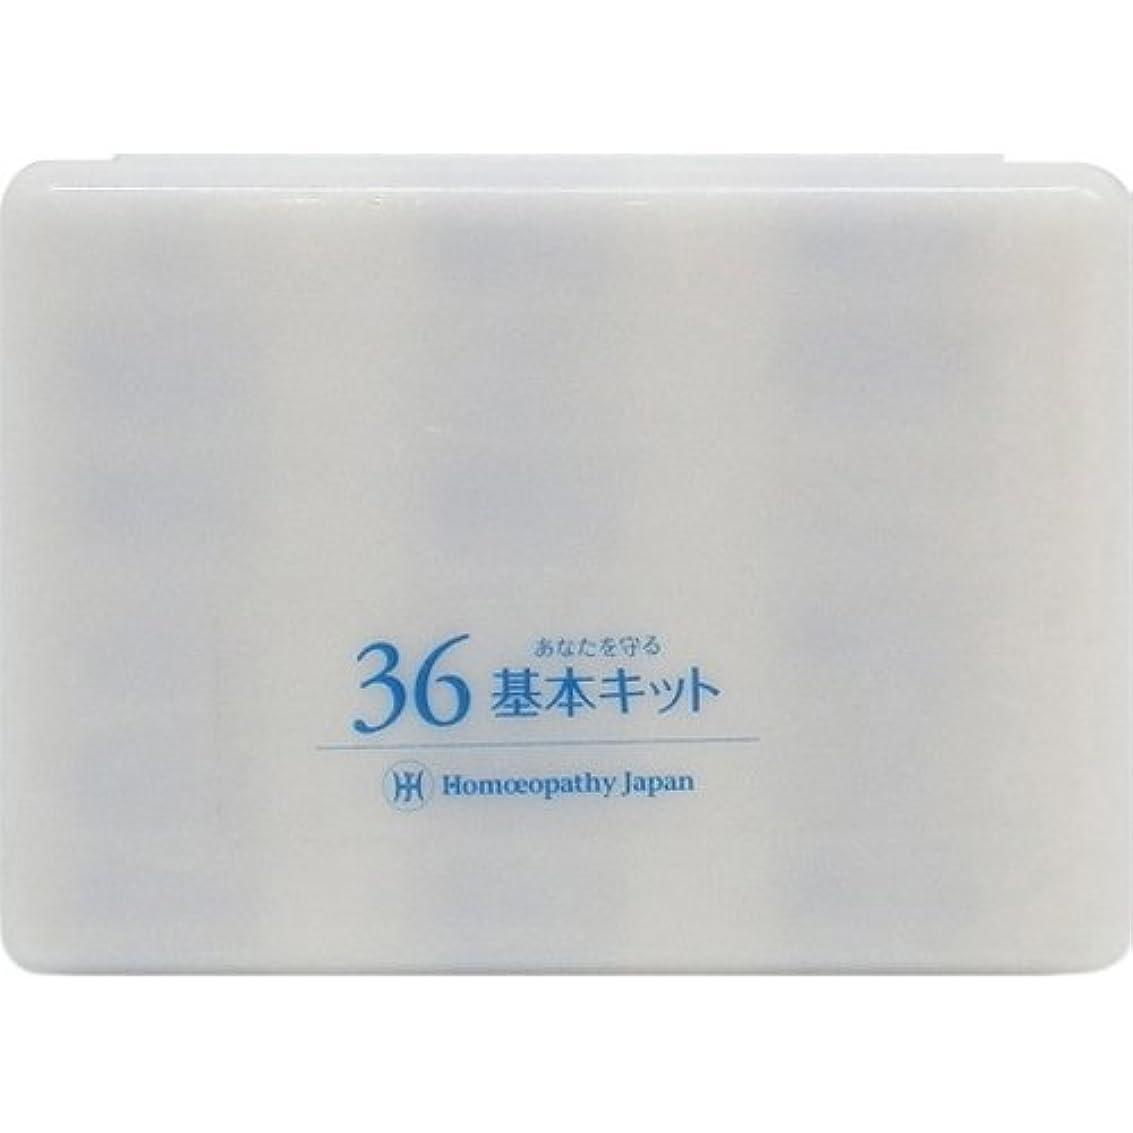 分布リングレット国籍ホメオパシージャパンレメディー 新36基本キット